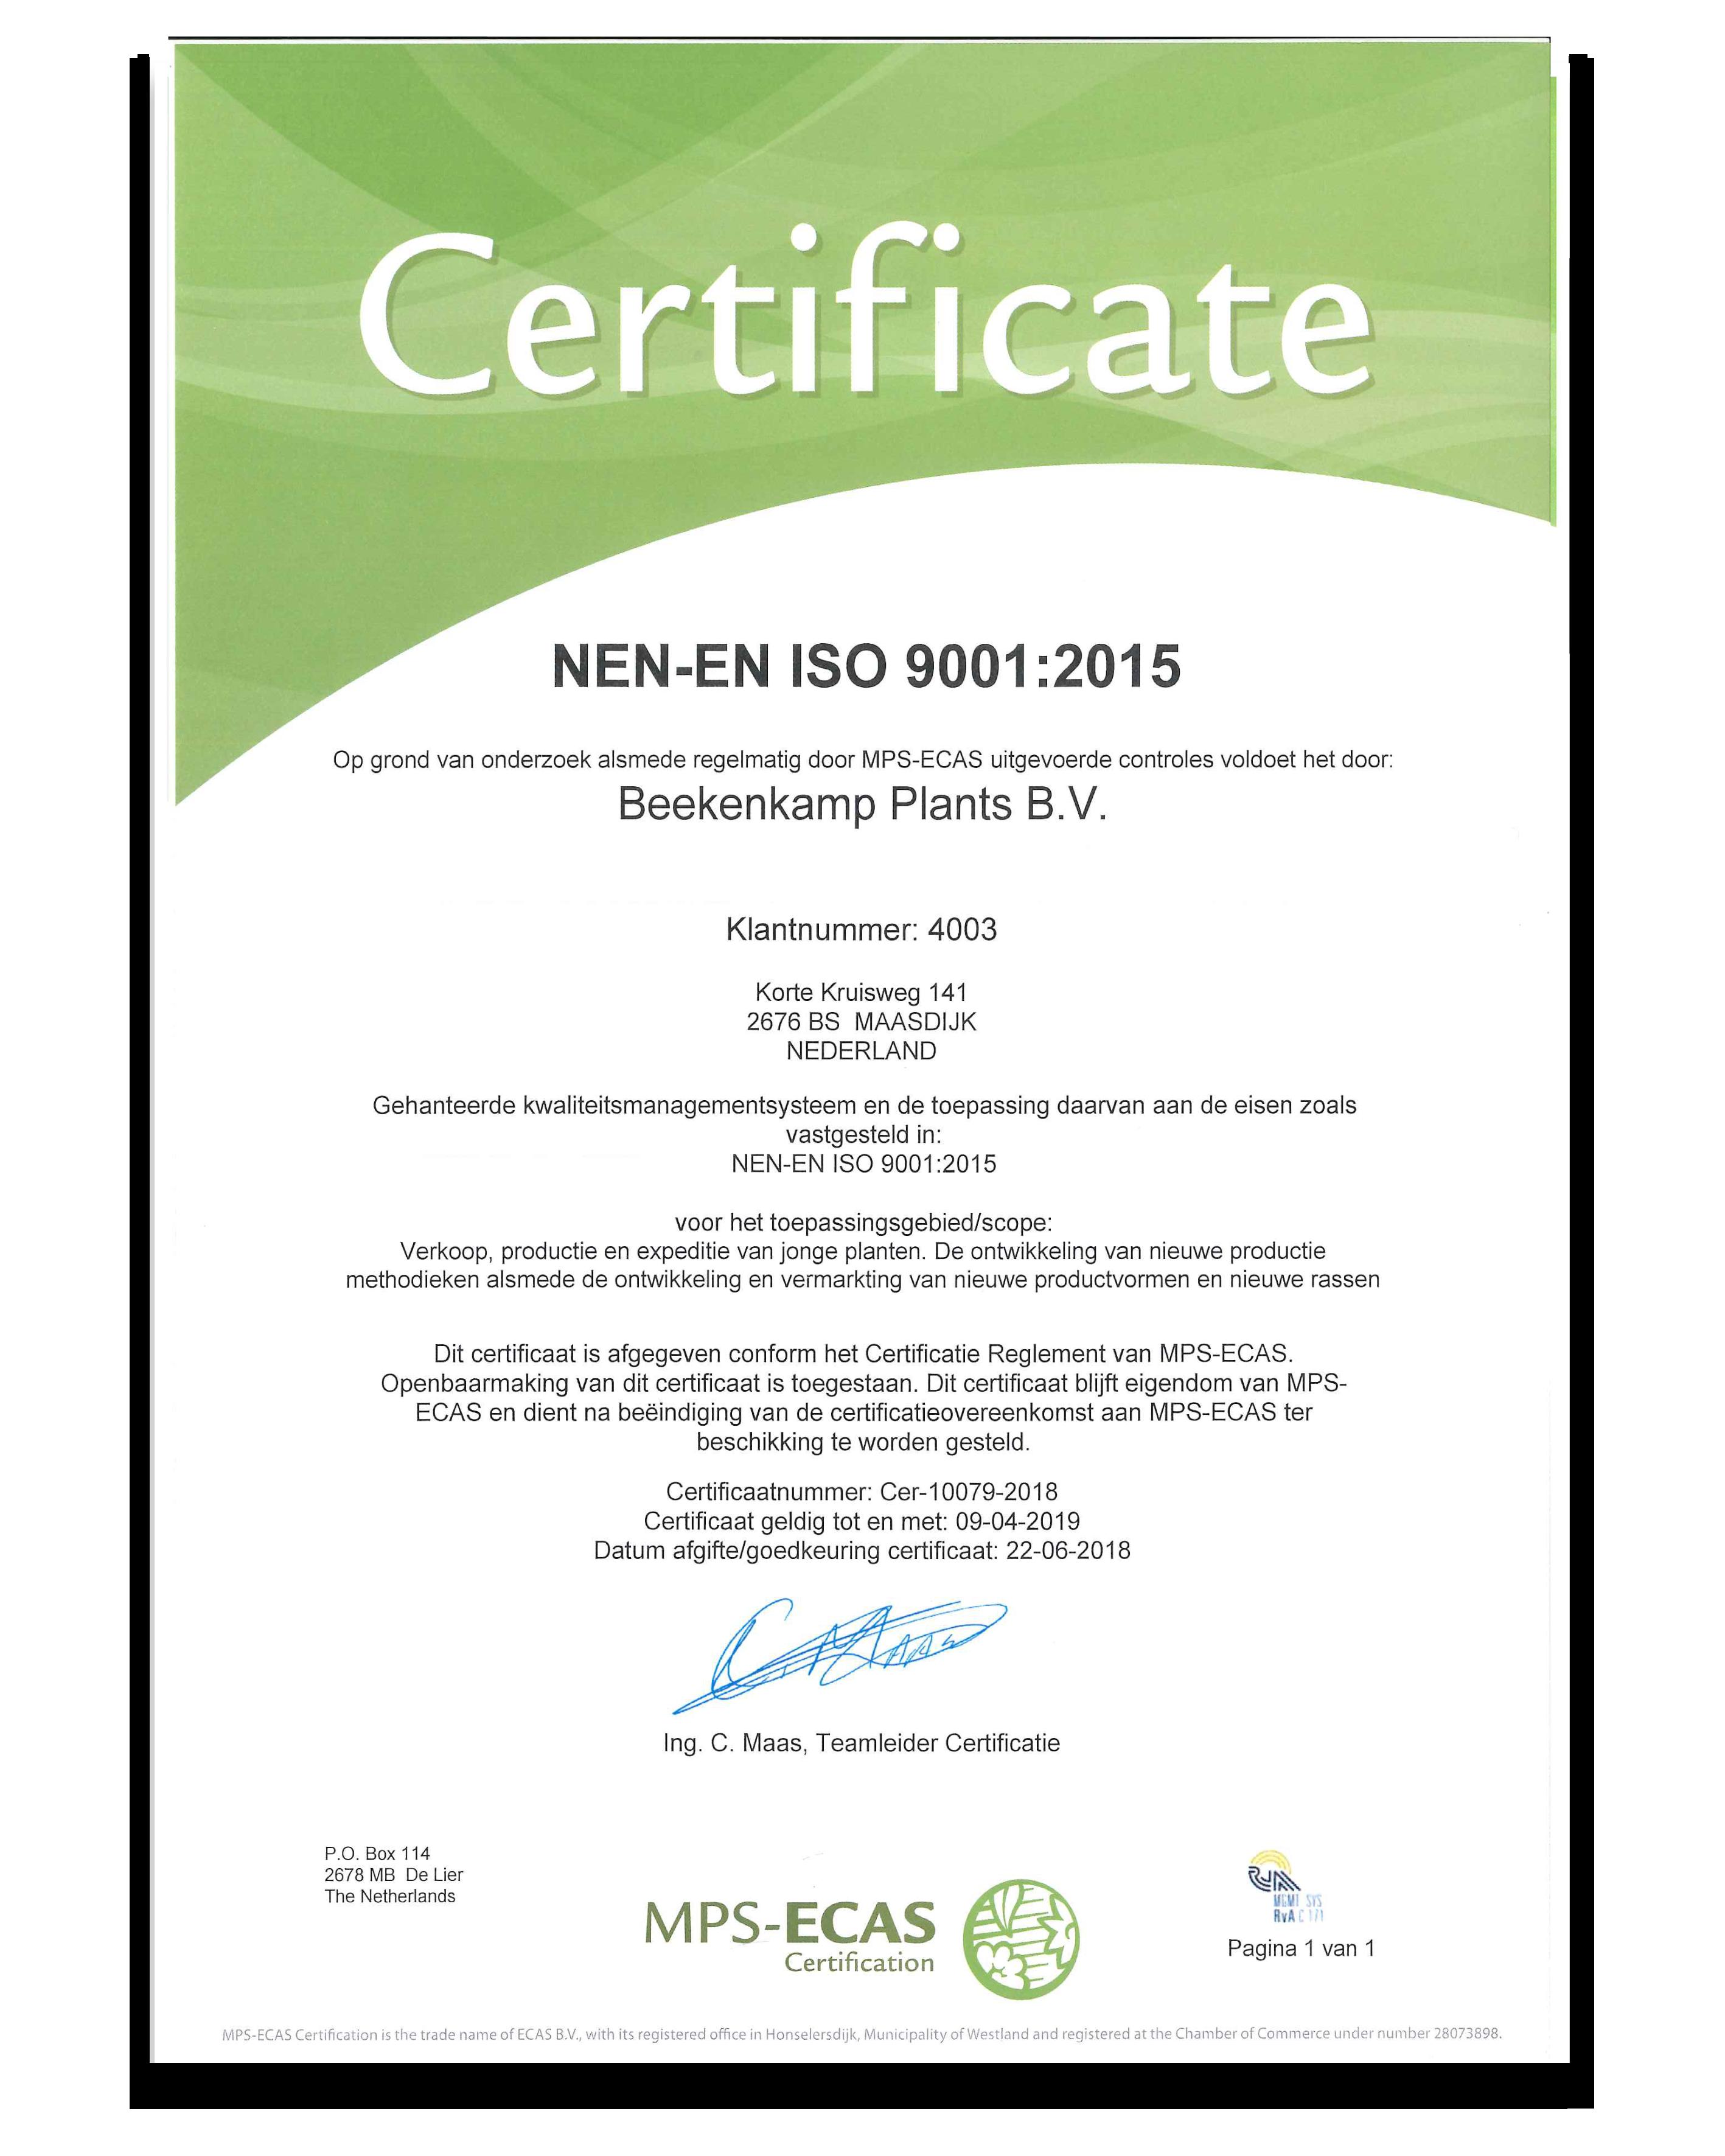 NEN-EN- ISO 9001:2015